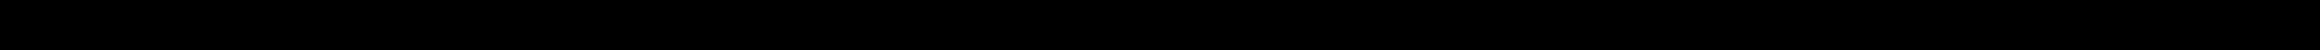 FEBI BILSTEIN 07K 109 235 A, 7K 109 235 A, 07K 109 235 A, 7K 109 235 A Tömítés, vezérműlánc feszítő